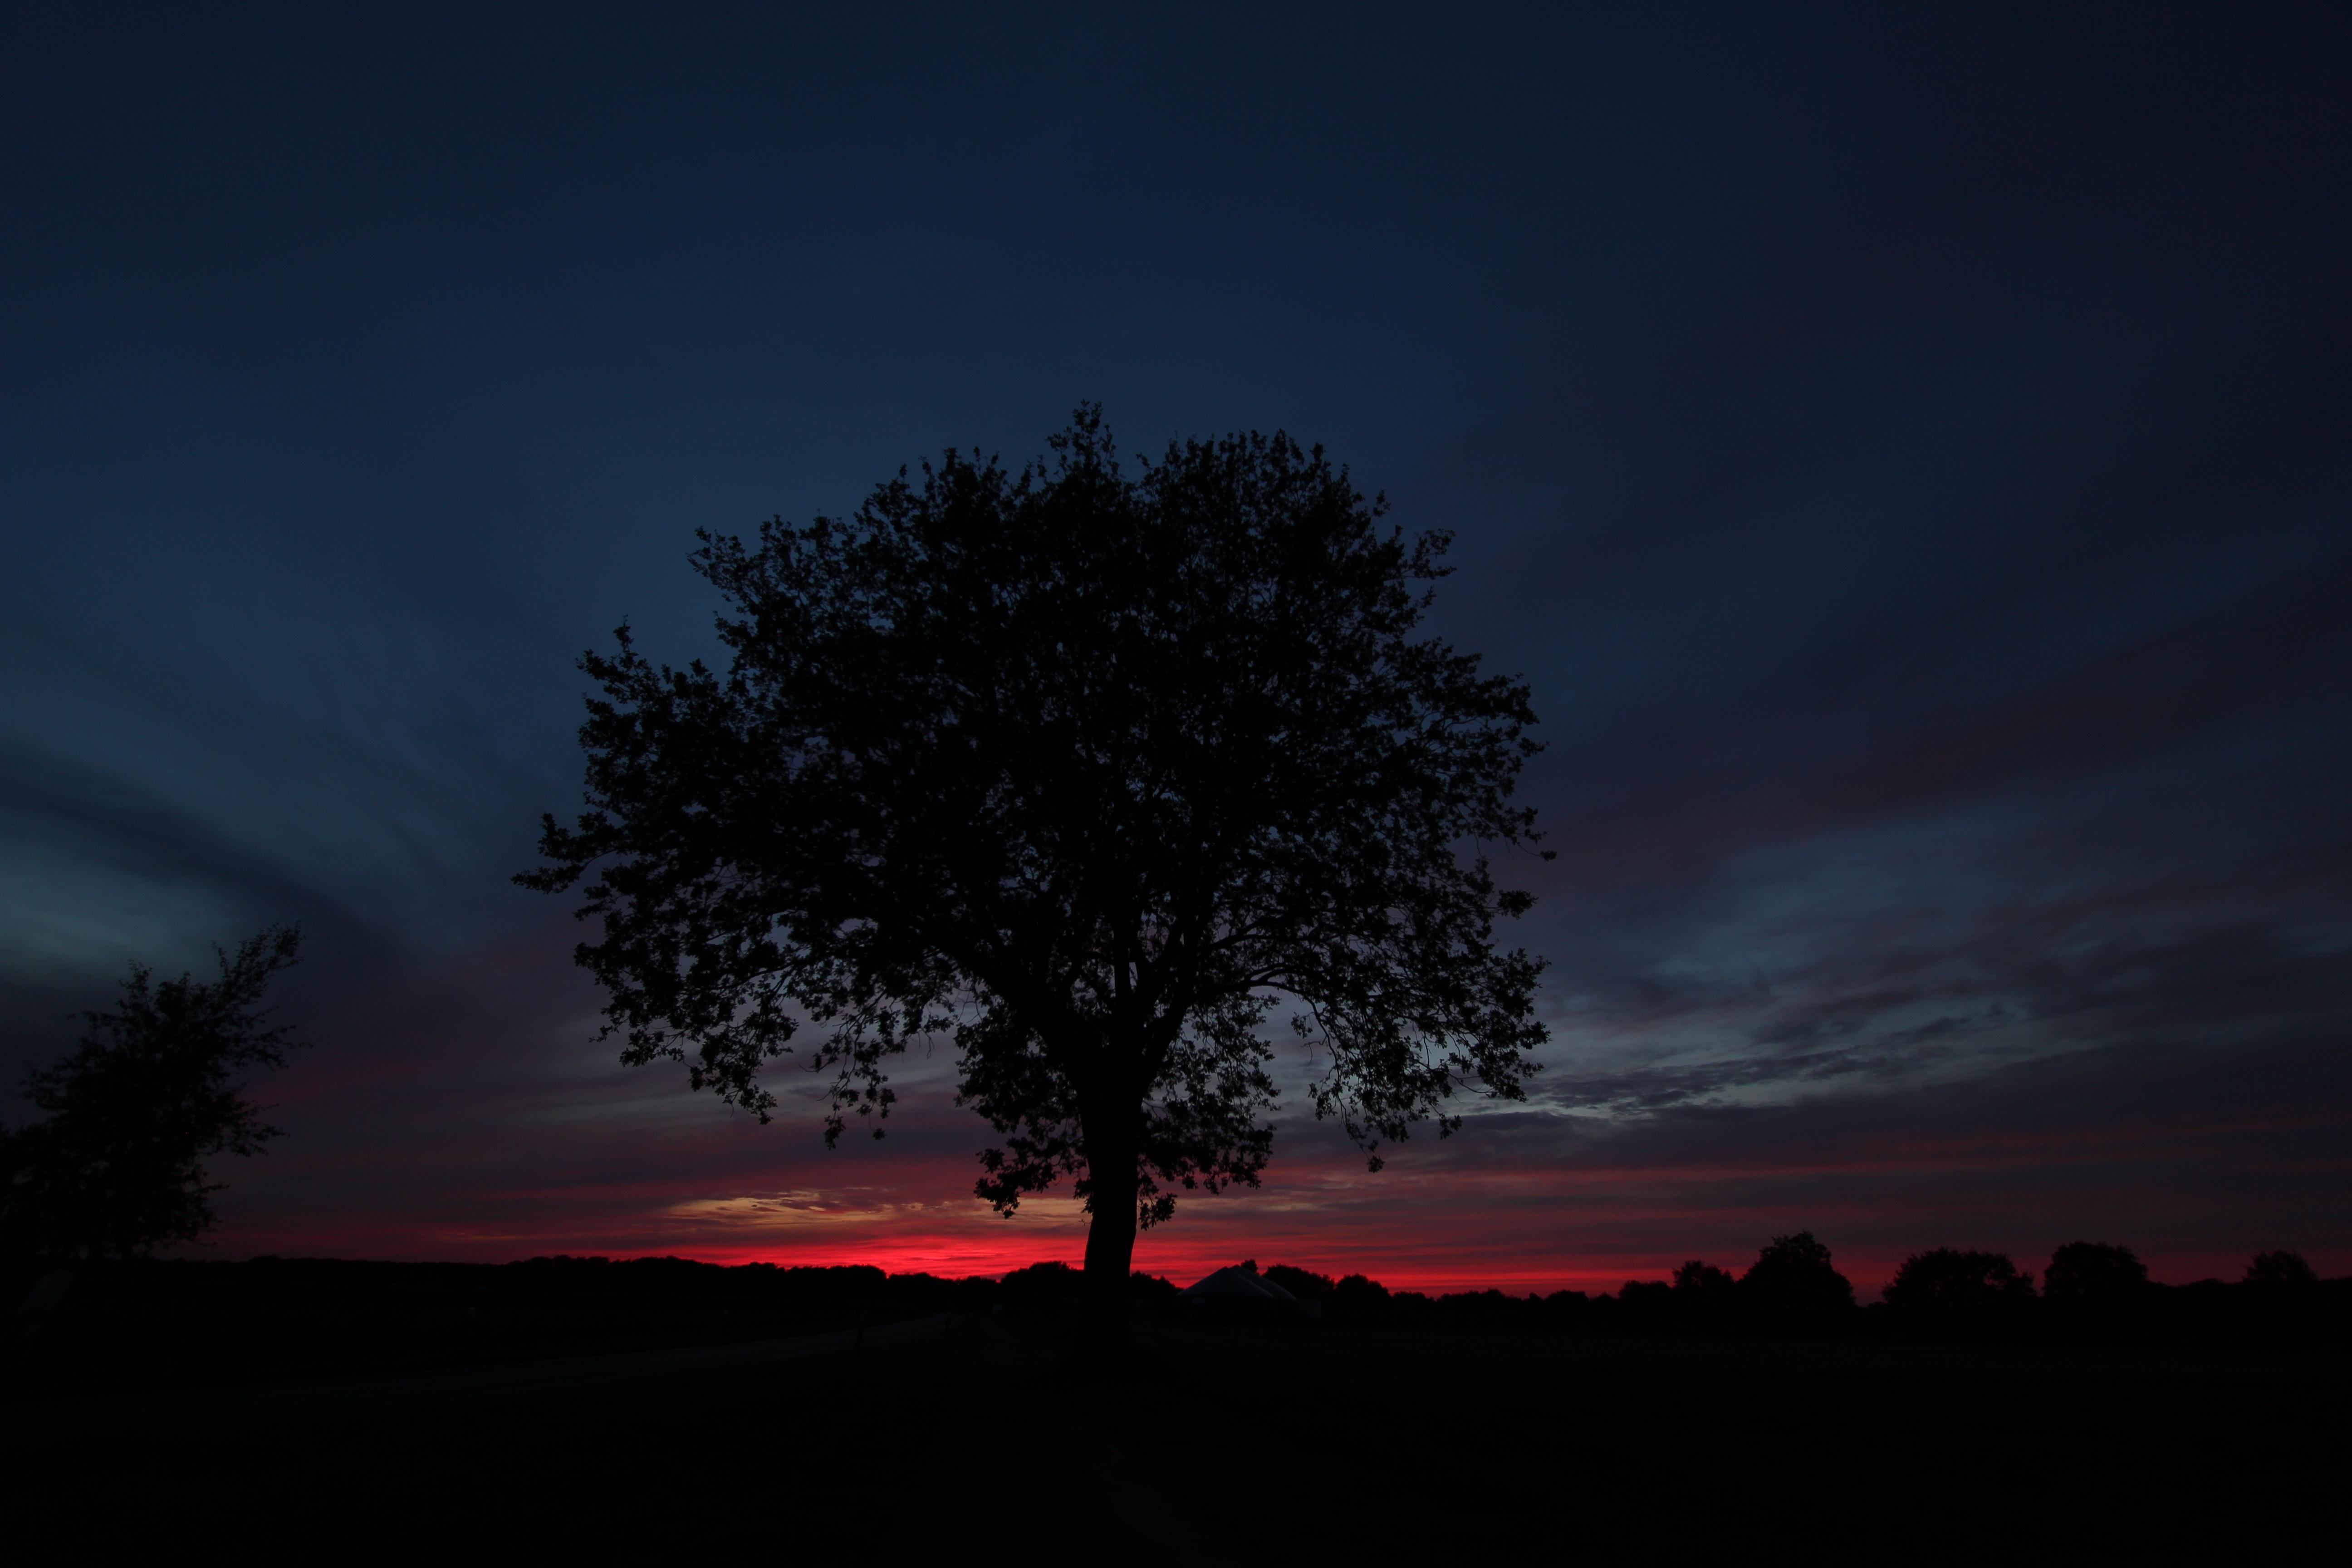 картинки деревьев ночью